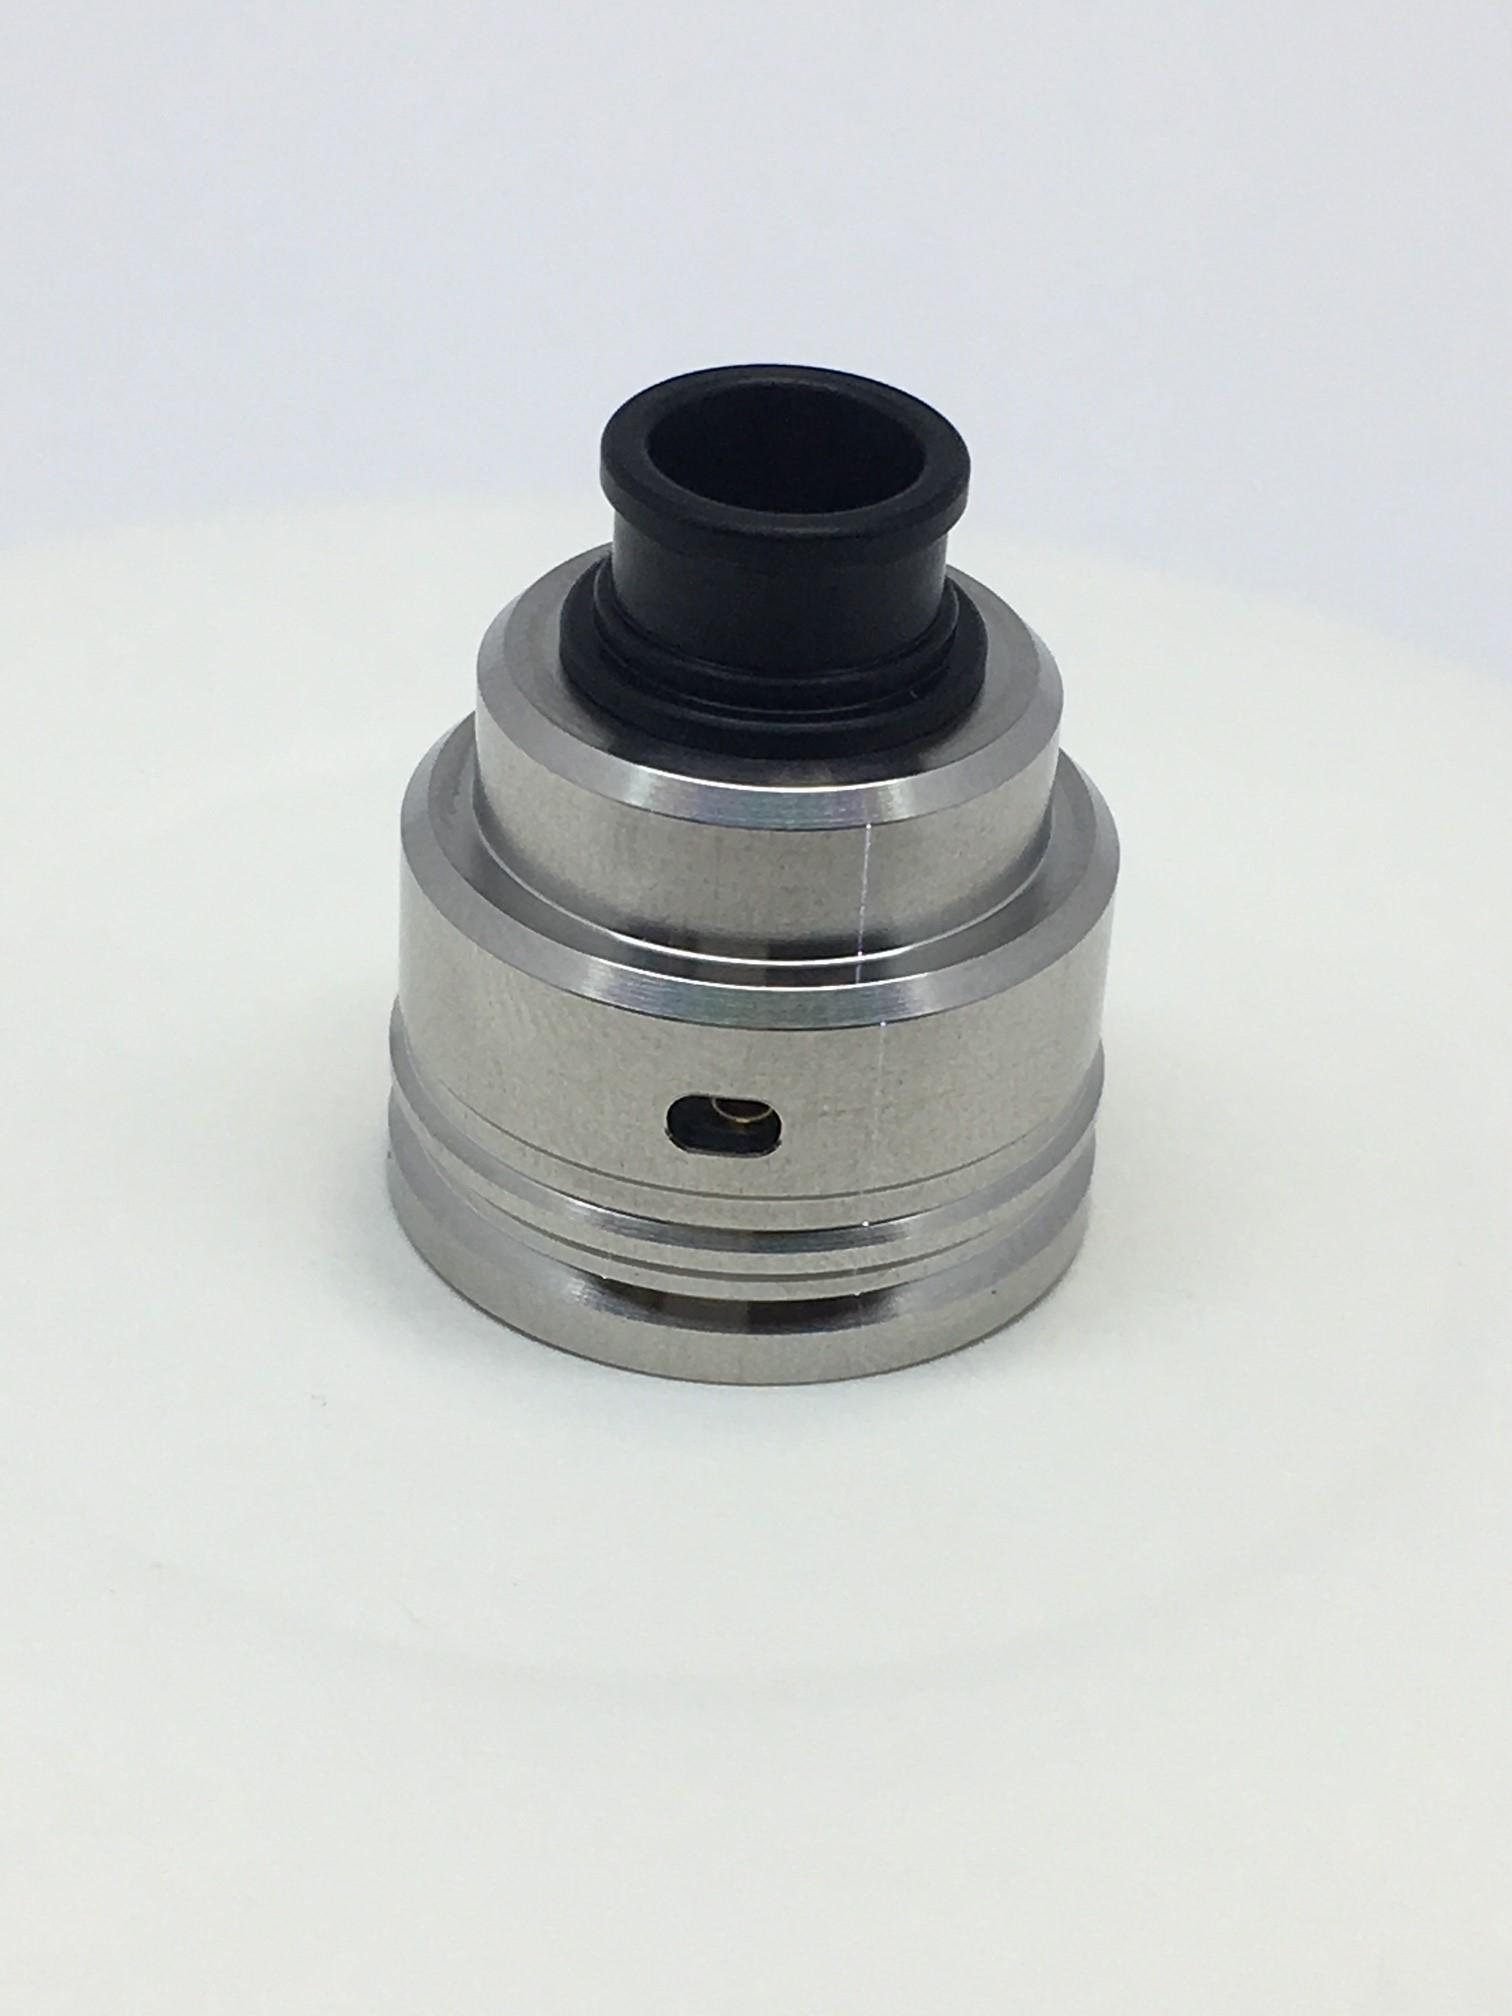 33 1 - 【レビュー】【日本限定版】HOTCIG RSQ NSキット テクニカルスコンカー BF MOD+アトマイザー スターターキット リフィルボトル付き限定版 控えめに言ってヤヴァイやつ。